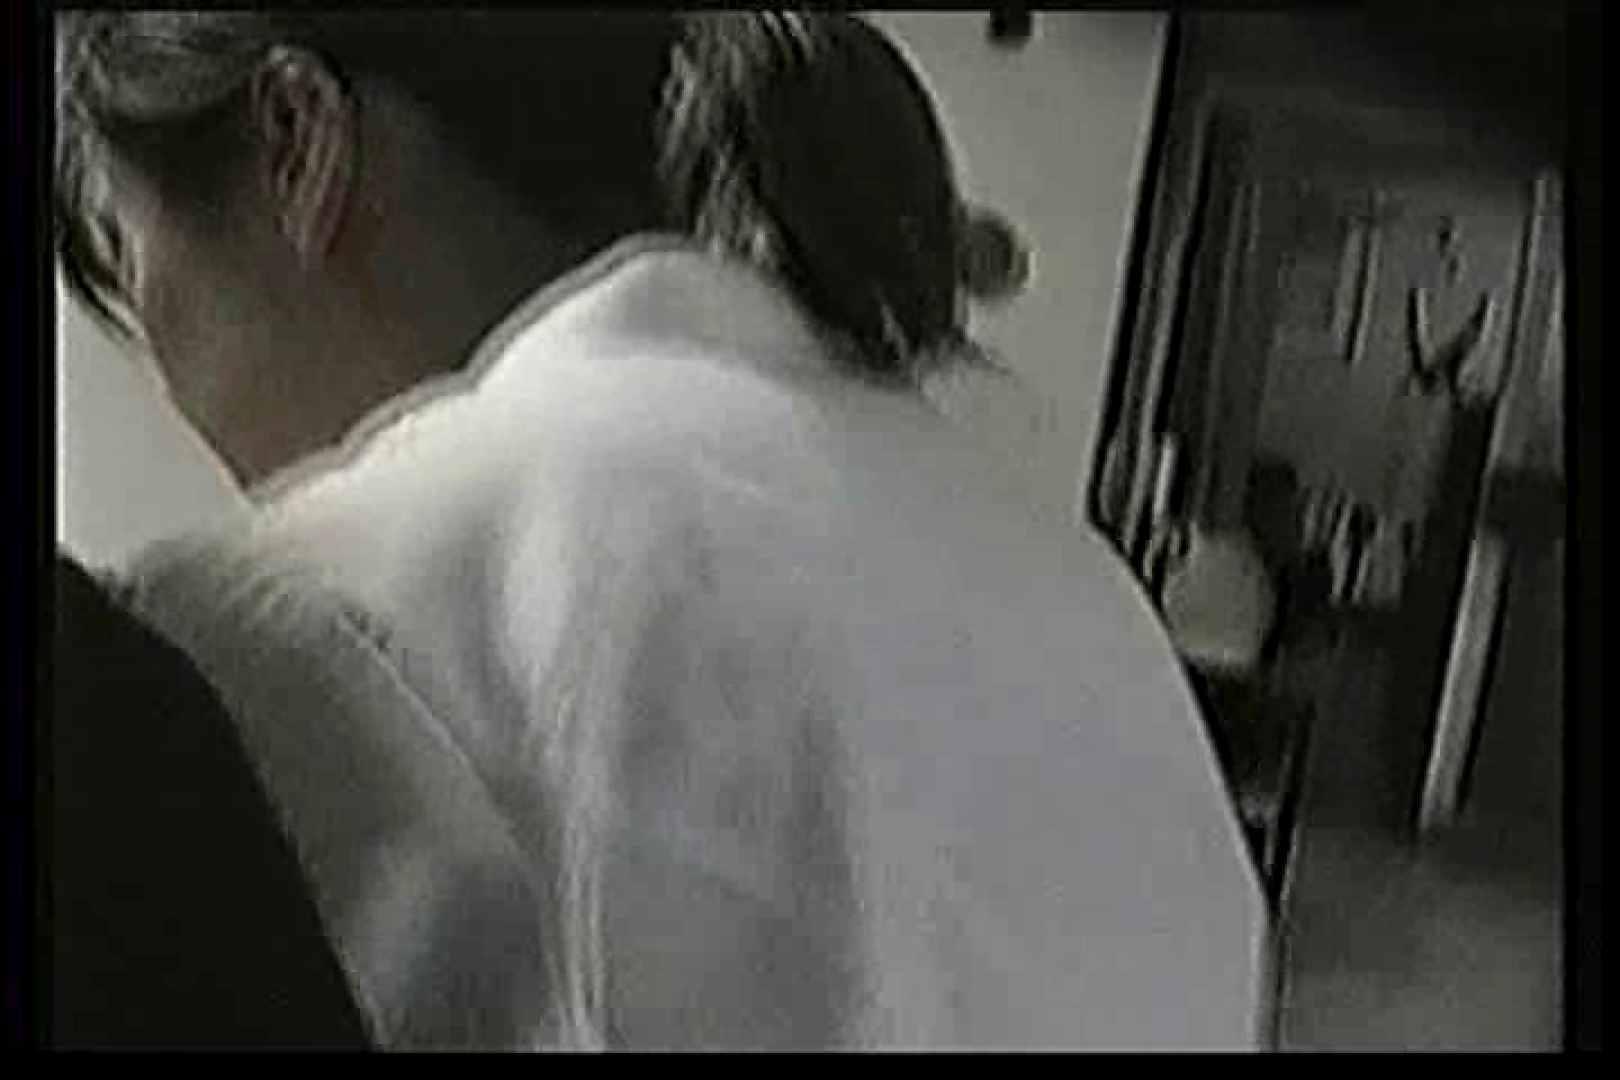 院内密着!看護婦達の下半身事情Vol.2 チラ ぱこり動画紹介 94pic 20